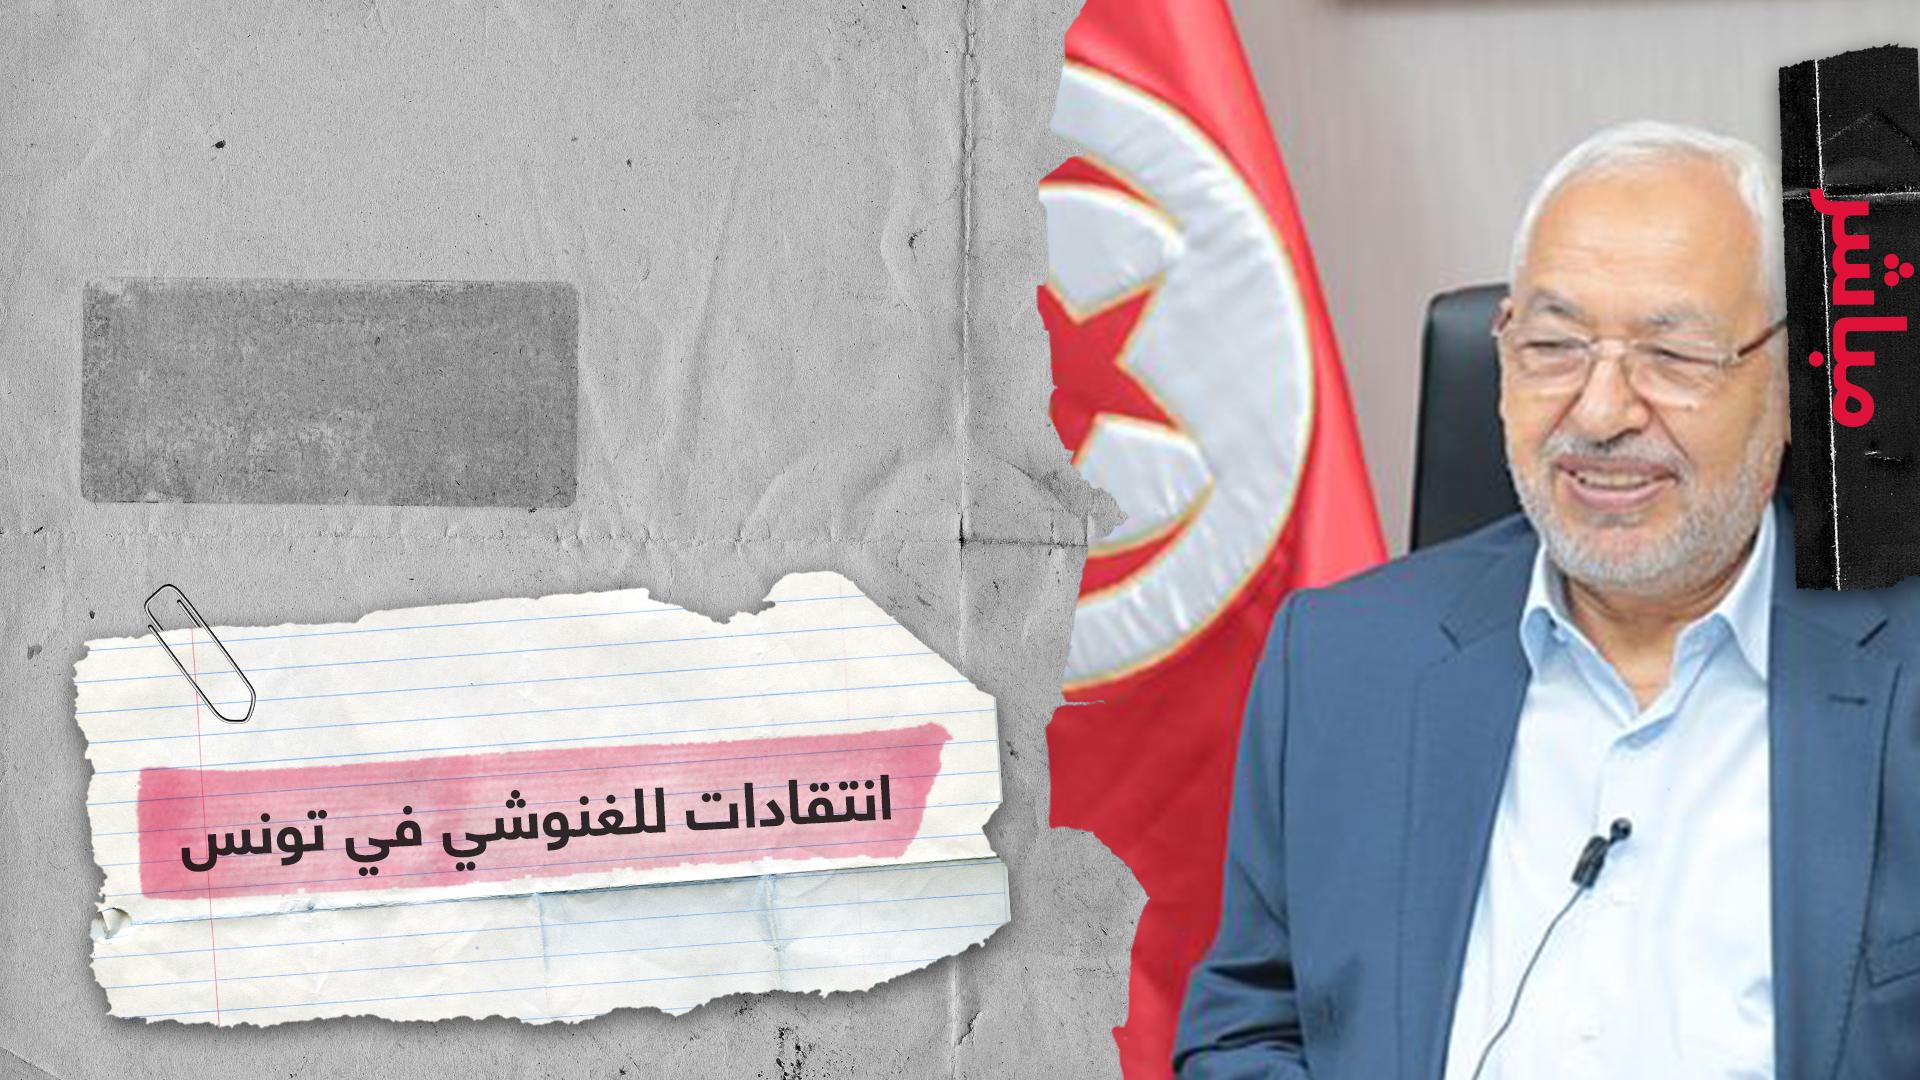 بيان من أحزاب في تونس يطالب الغنوشي بعدم توريط البلاد في ليبيا